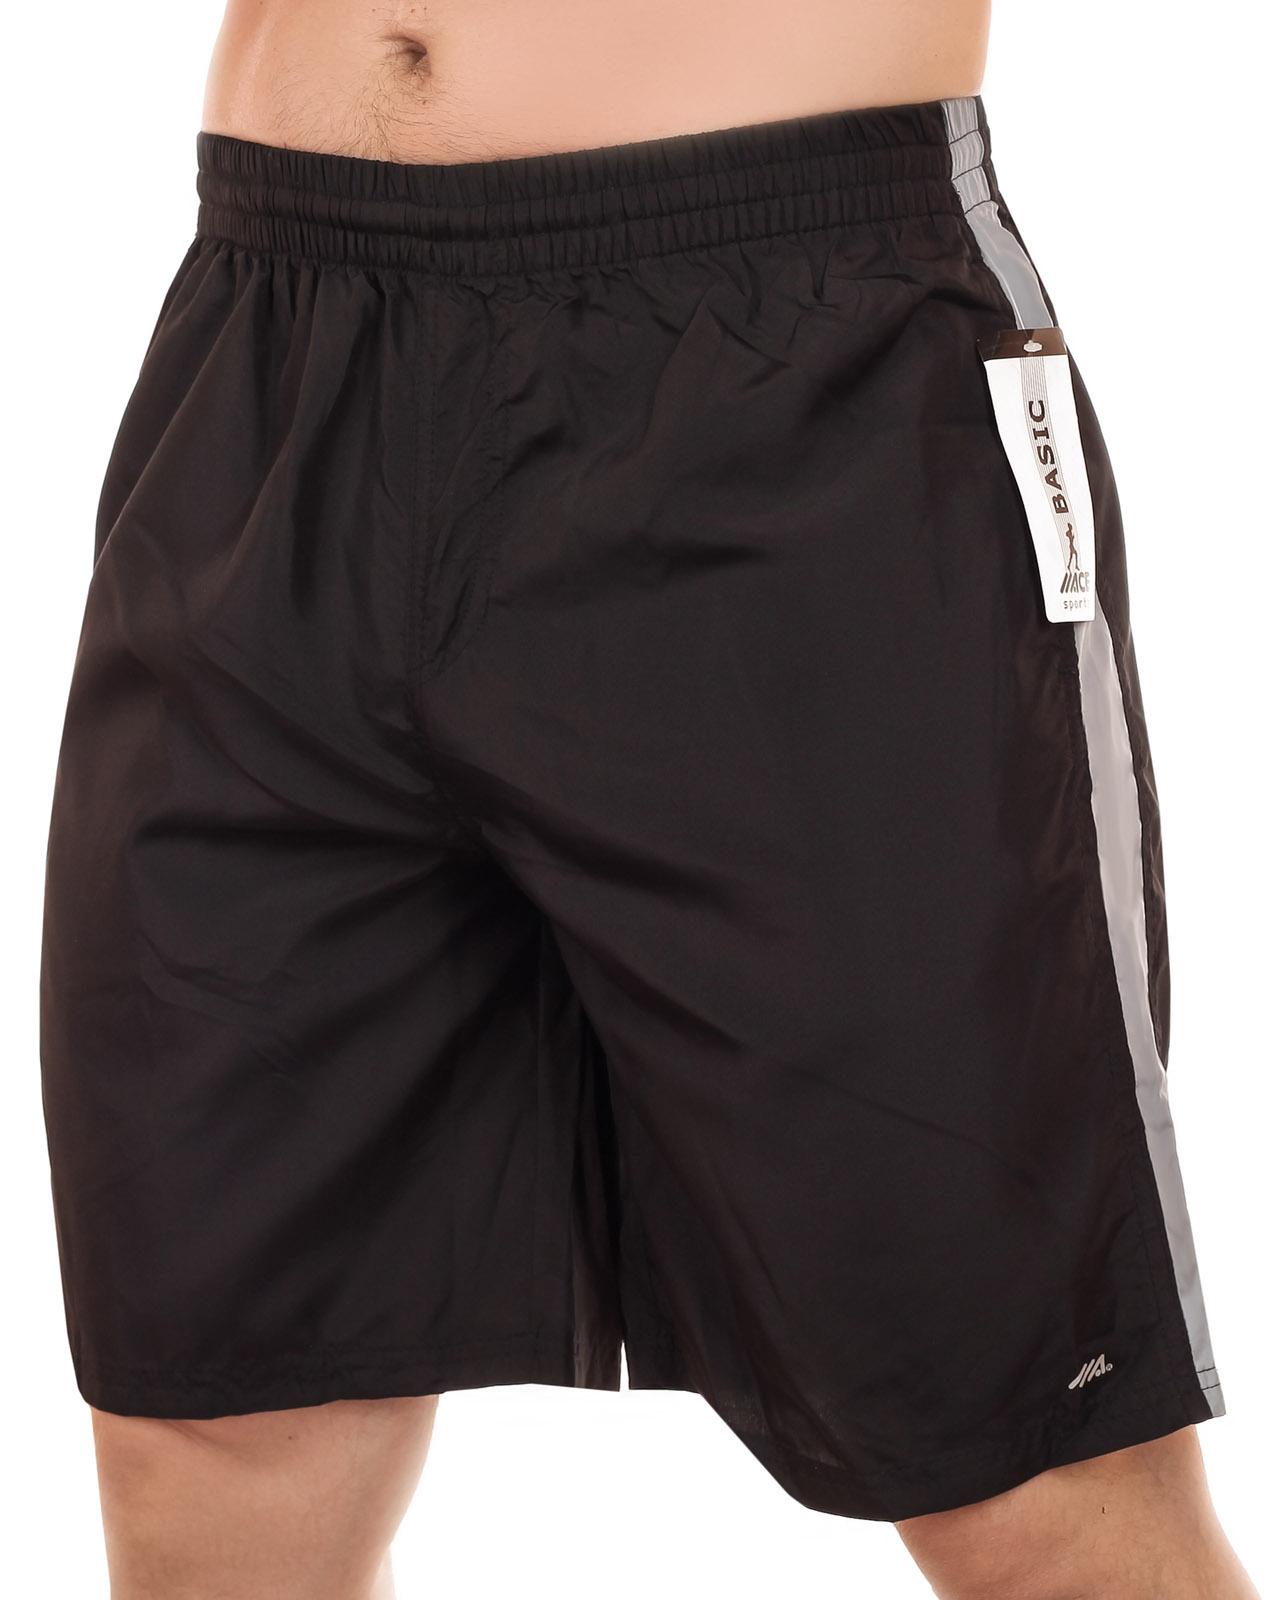 Зачётные шорты пляжные для мужчин любого возраста от MACE (Канада)